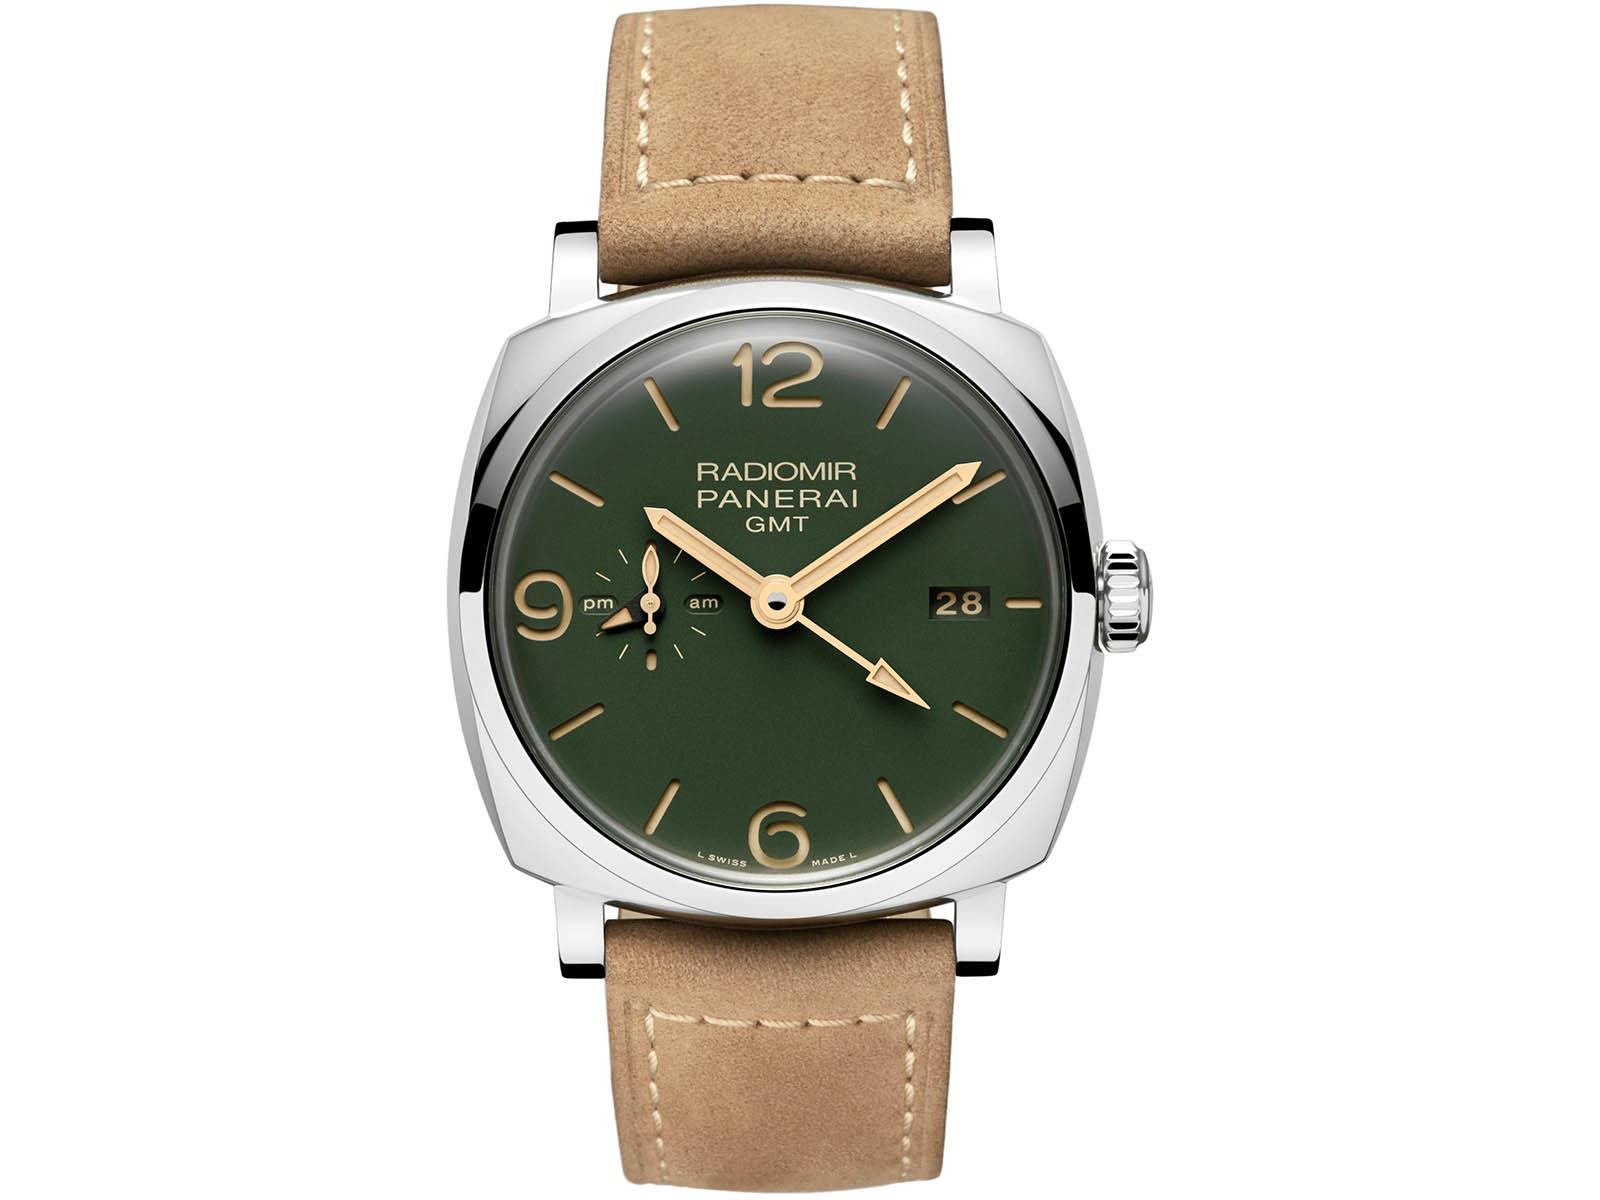 pam00998-panerai-radiomir-1940-edizione-verde-militare-1.jpg